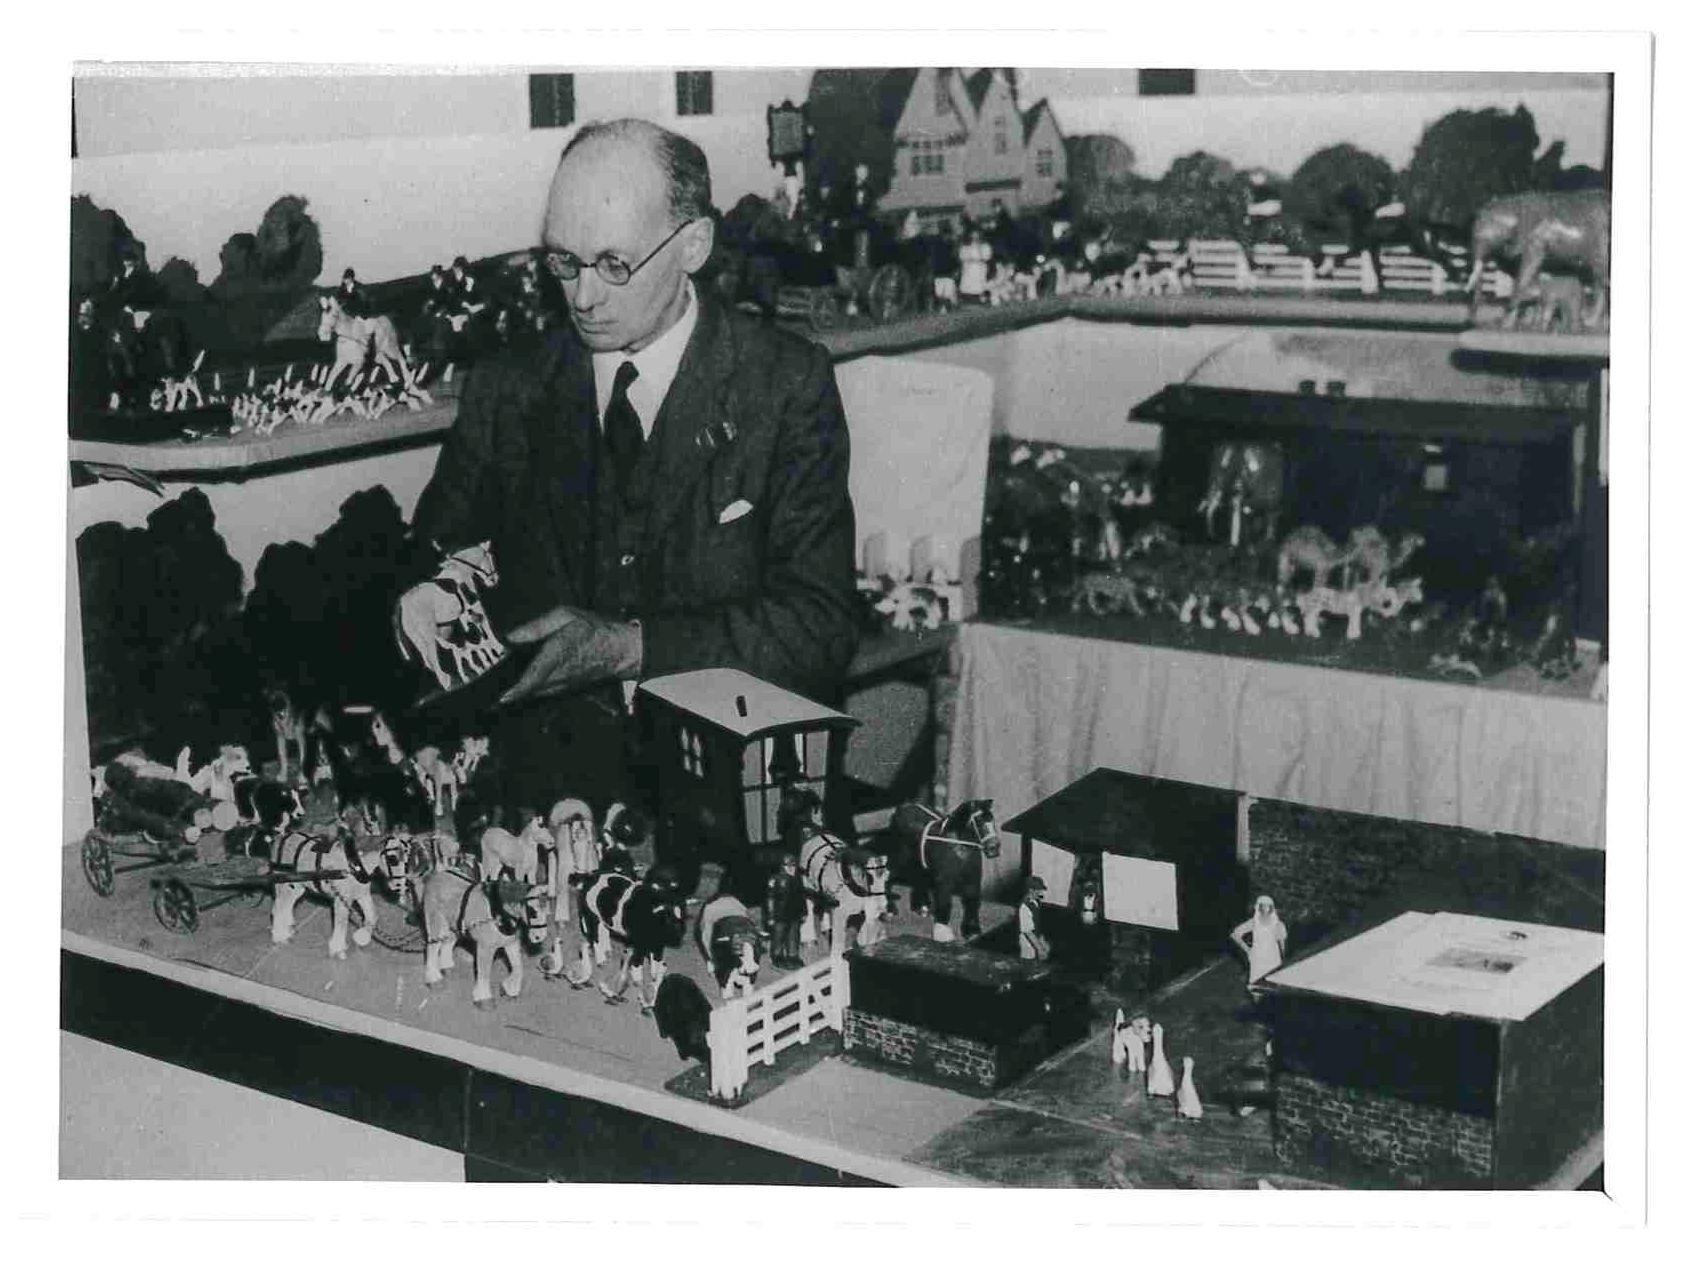 Frank Whittington at work in his Brockenhurst factory